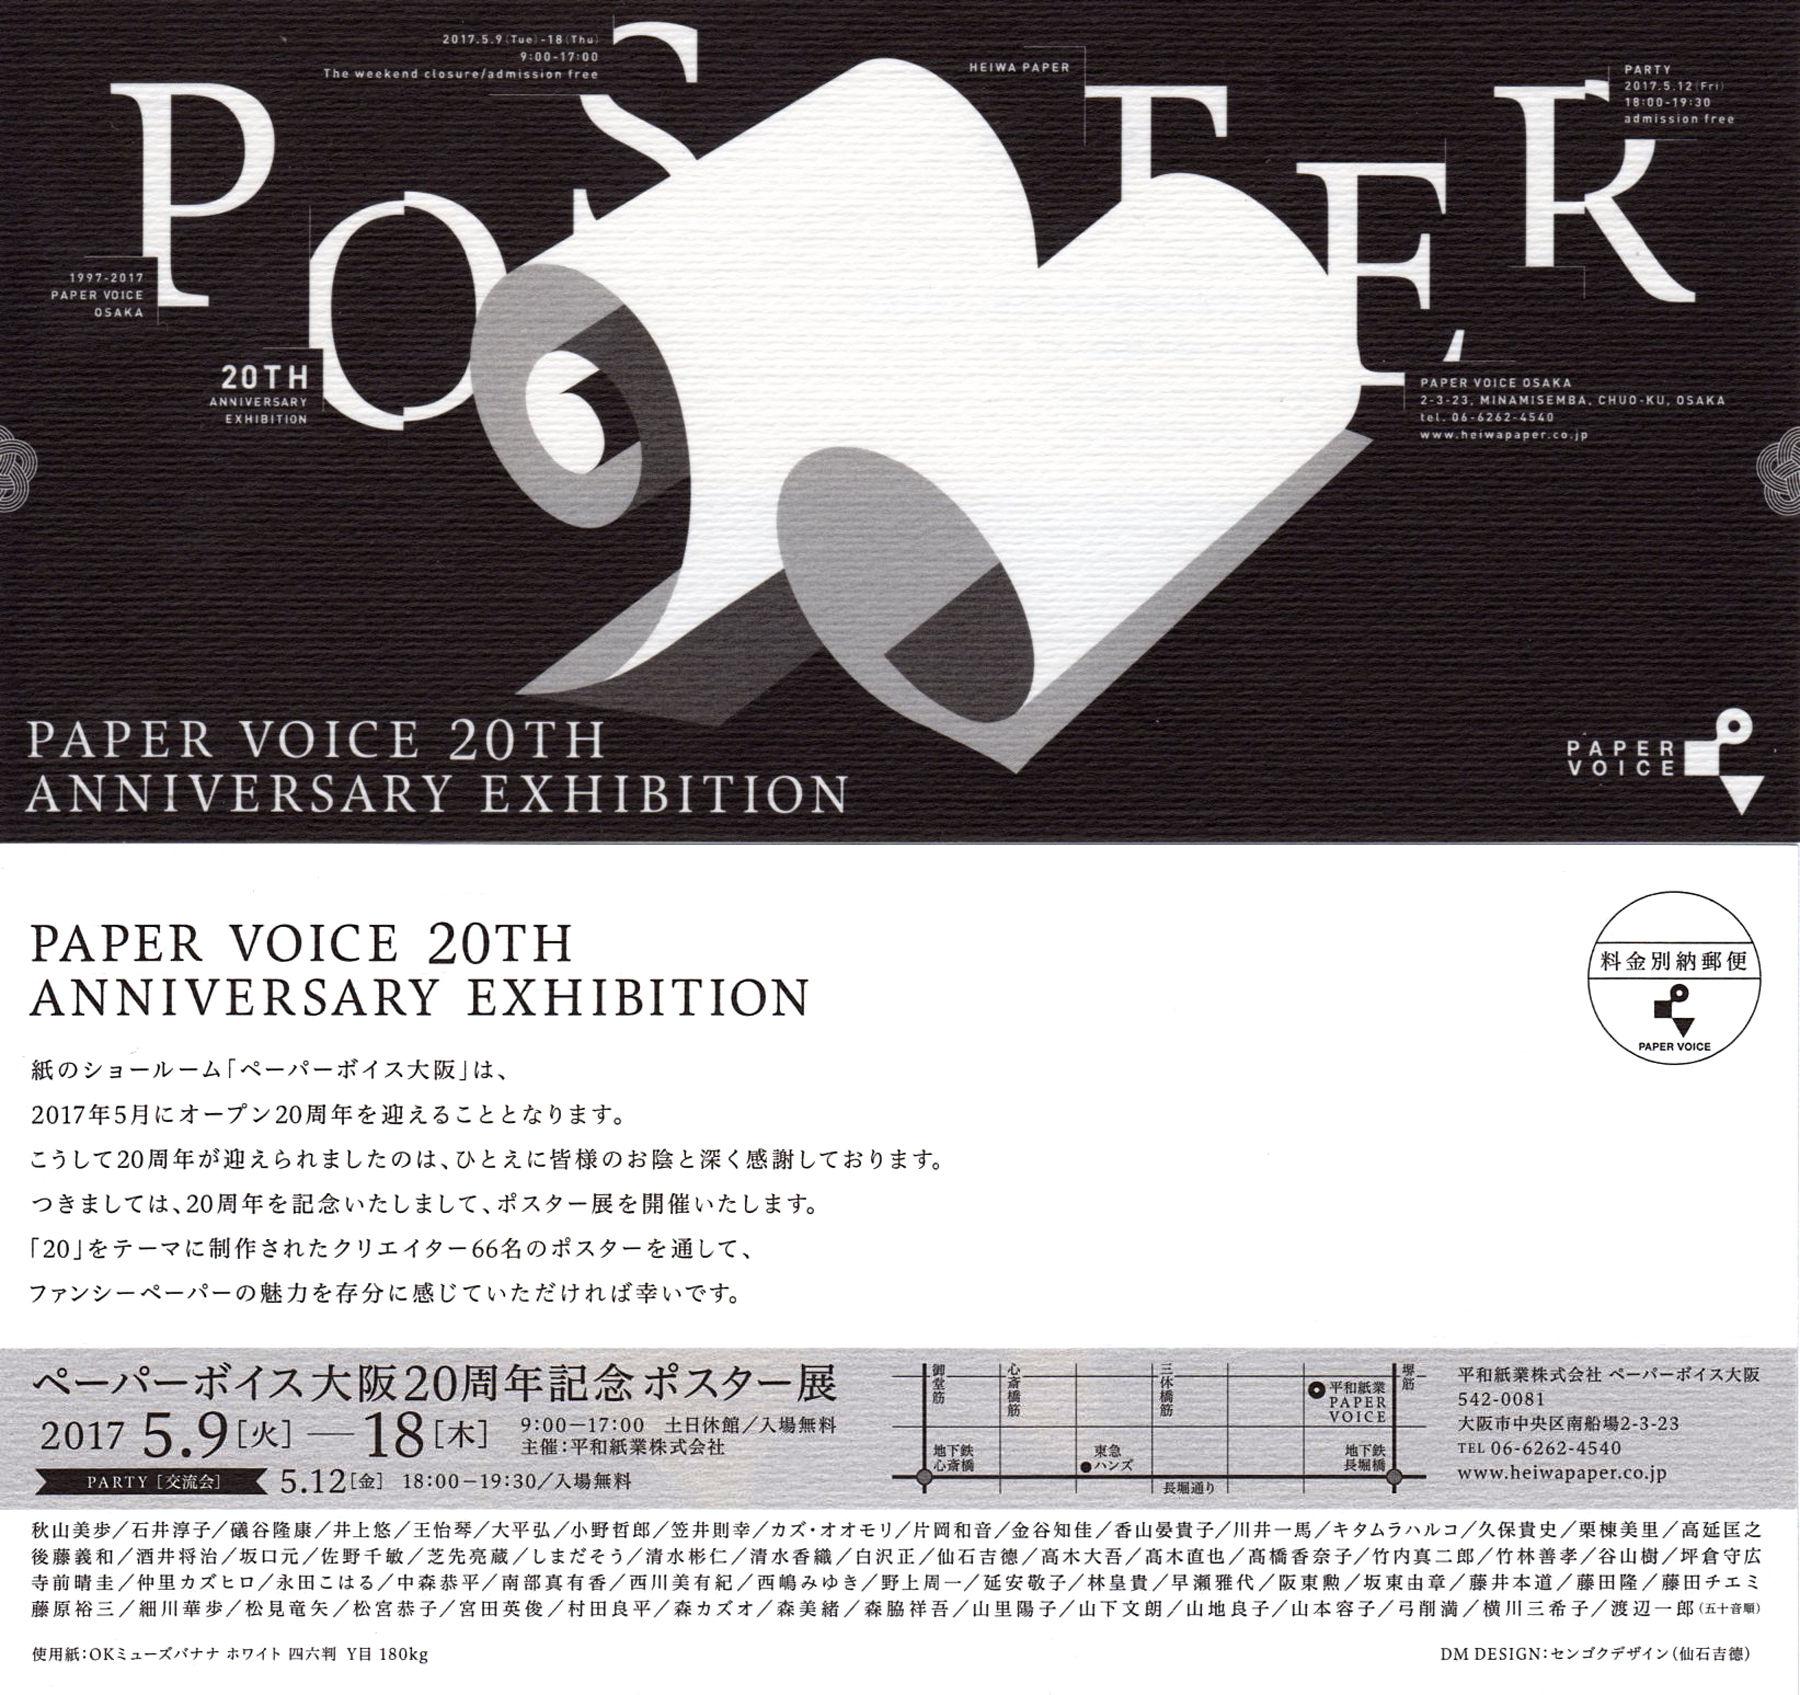 ペーパーボイス大阪20周年